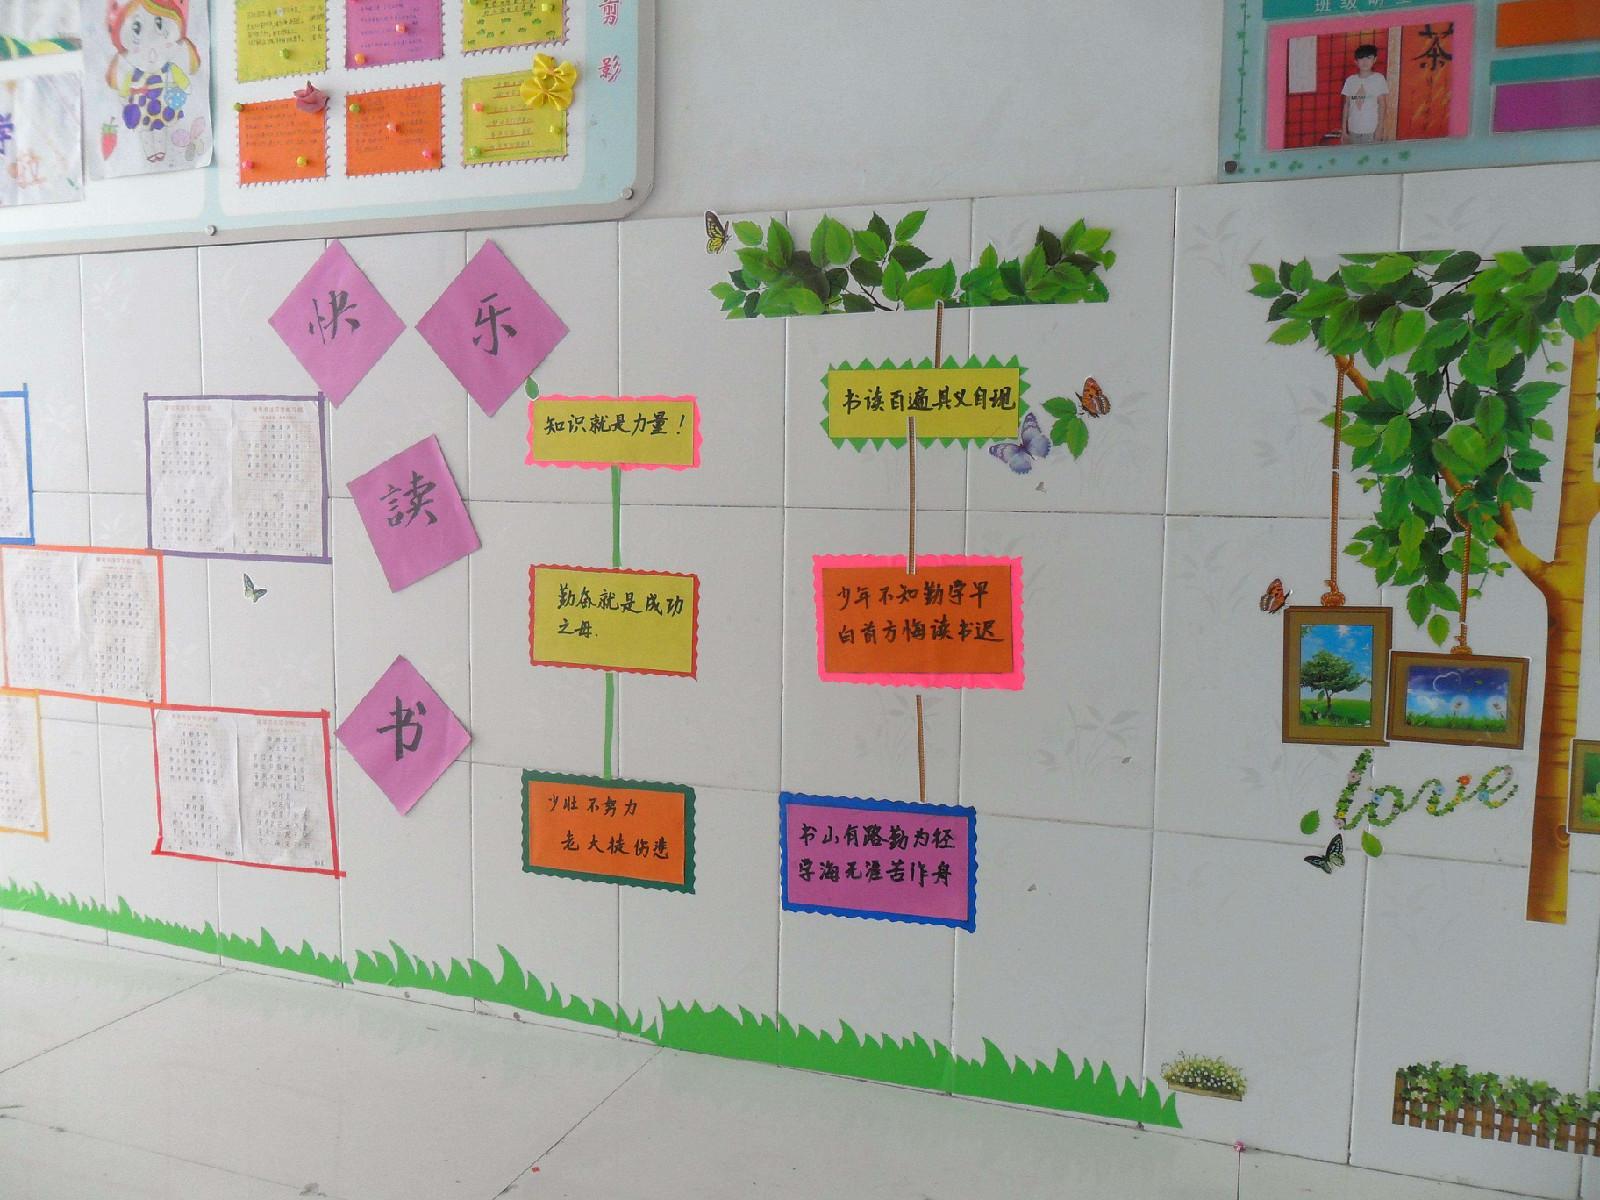 有创意的班级文化墙精选设计图片 班级文化墙怎么设计